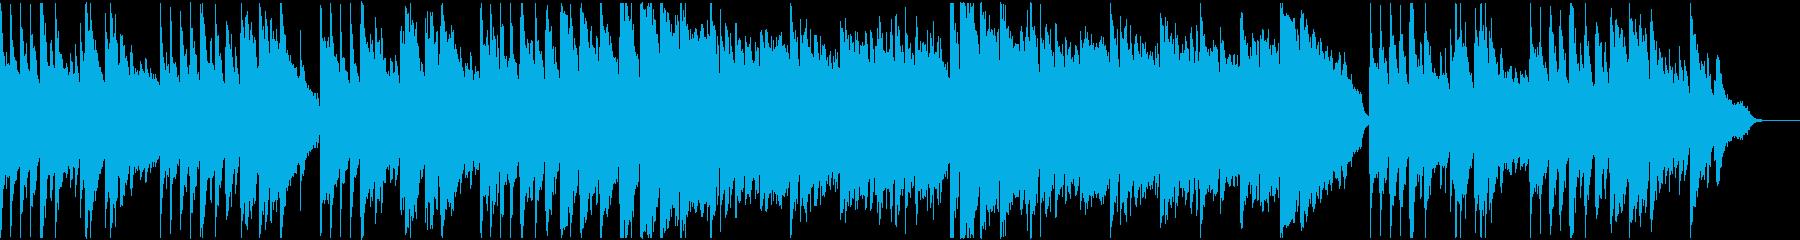 ピアノ主体のキラキラしたヒーリングの再生済みの波形